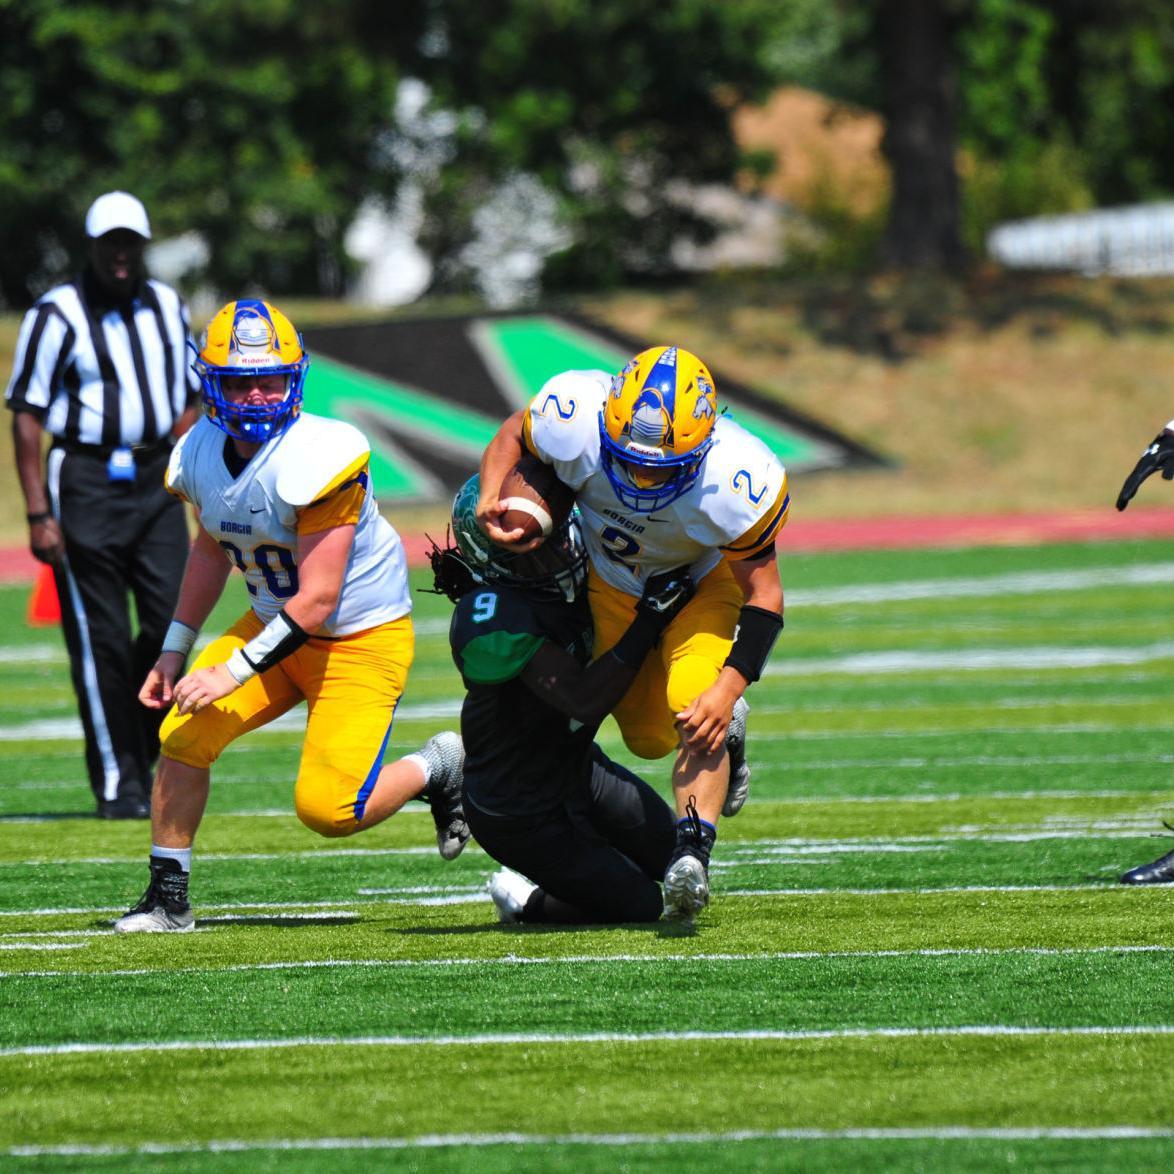 Week 5 Football — Borgia at St. Mary's